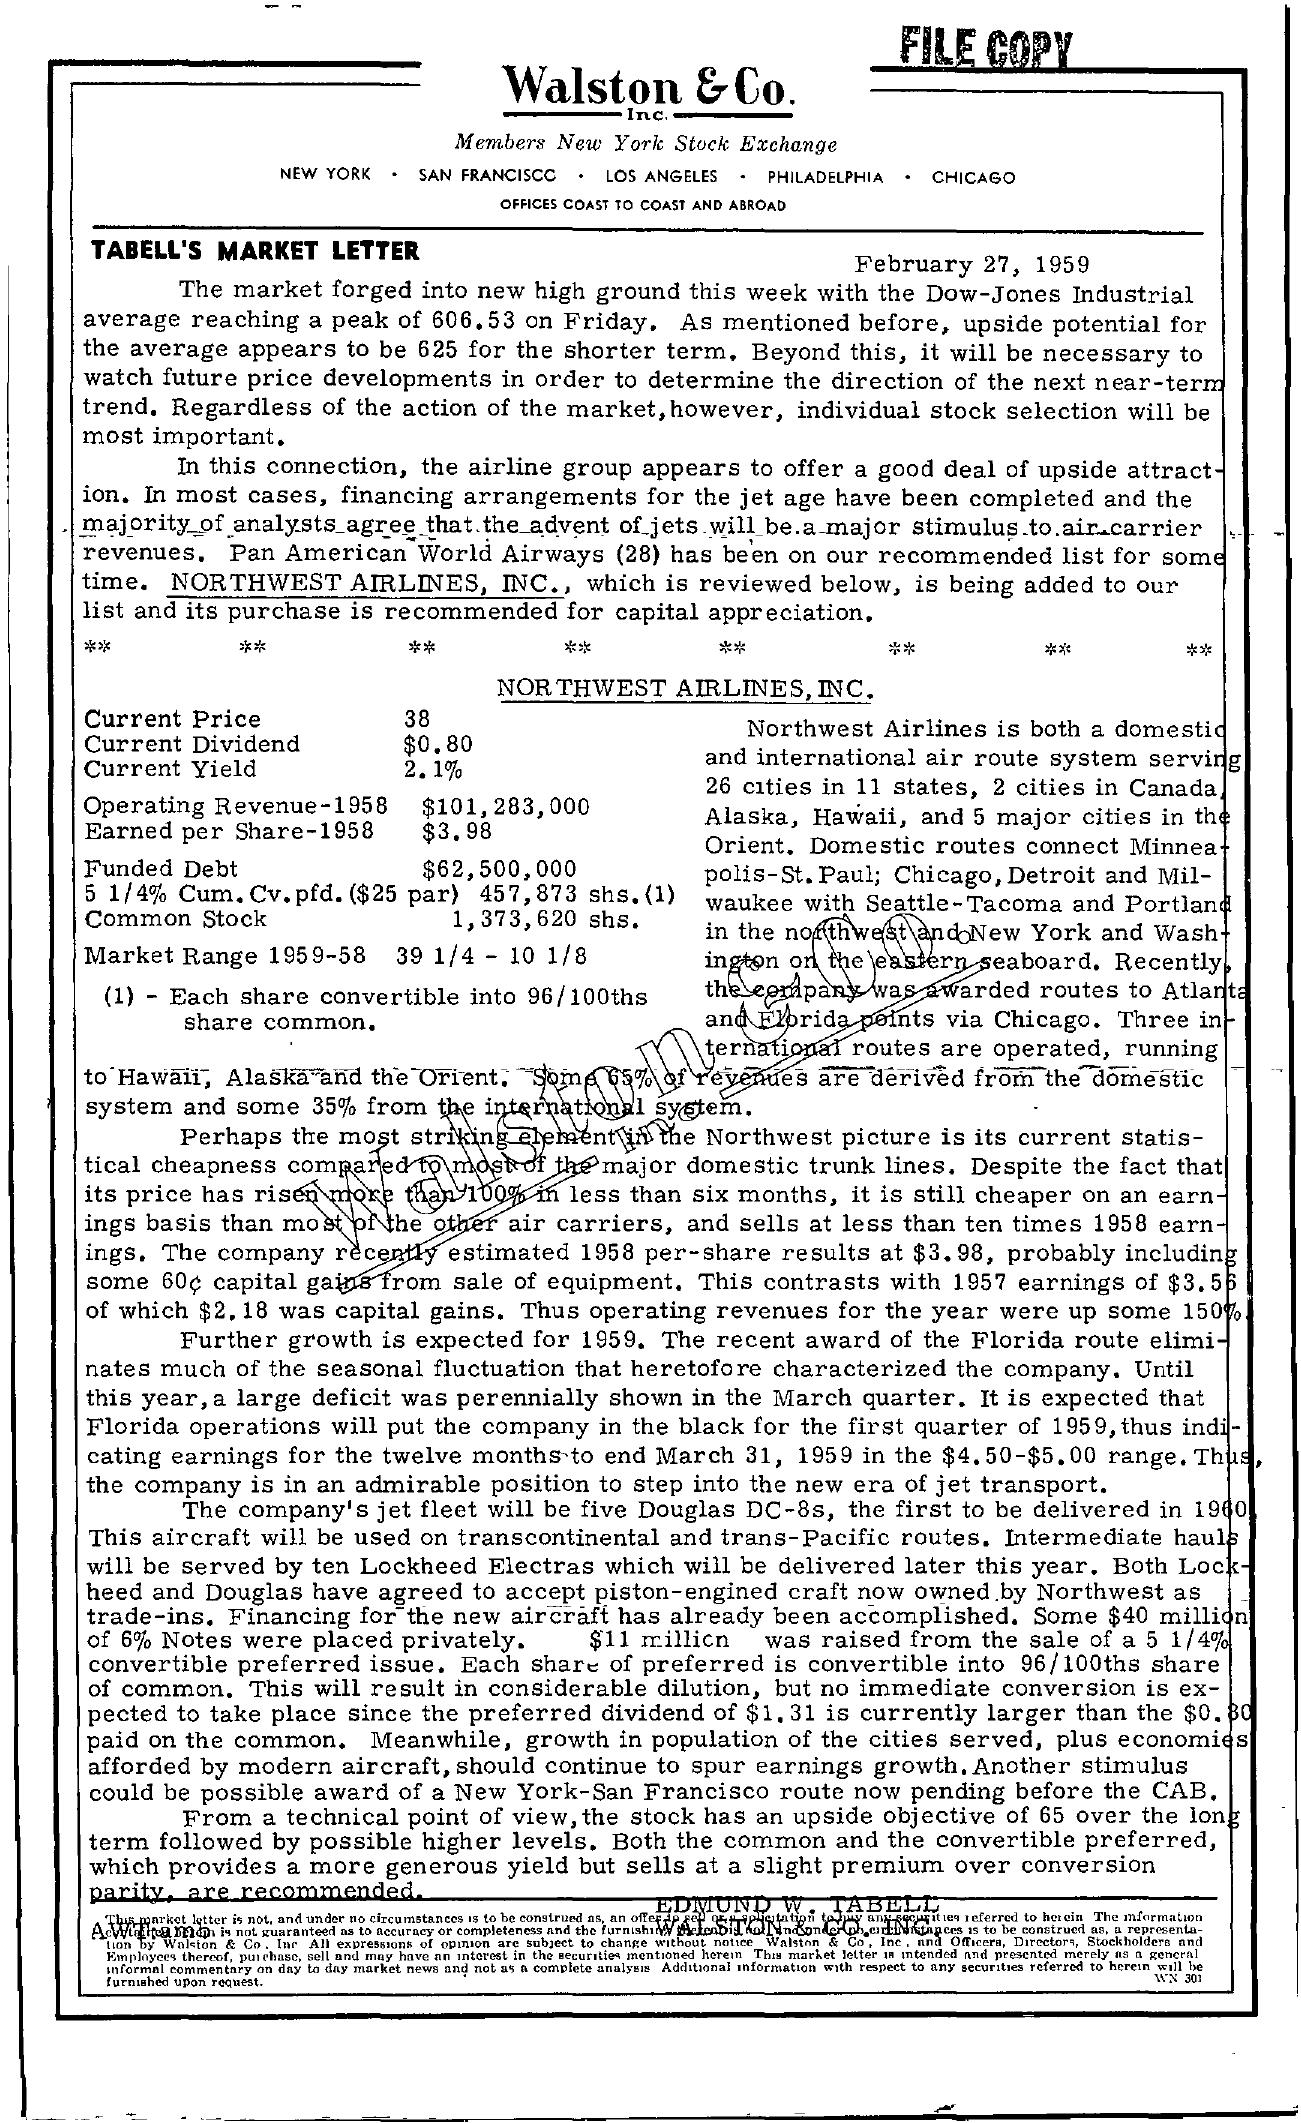 Tabell's Market Letter - February 27, 1959